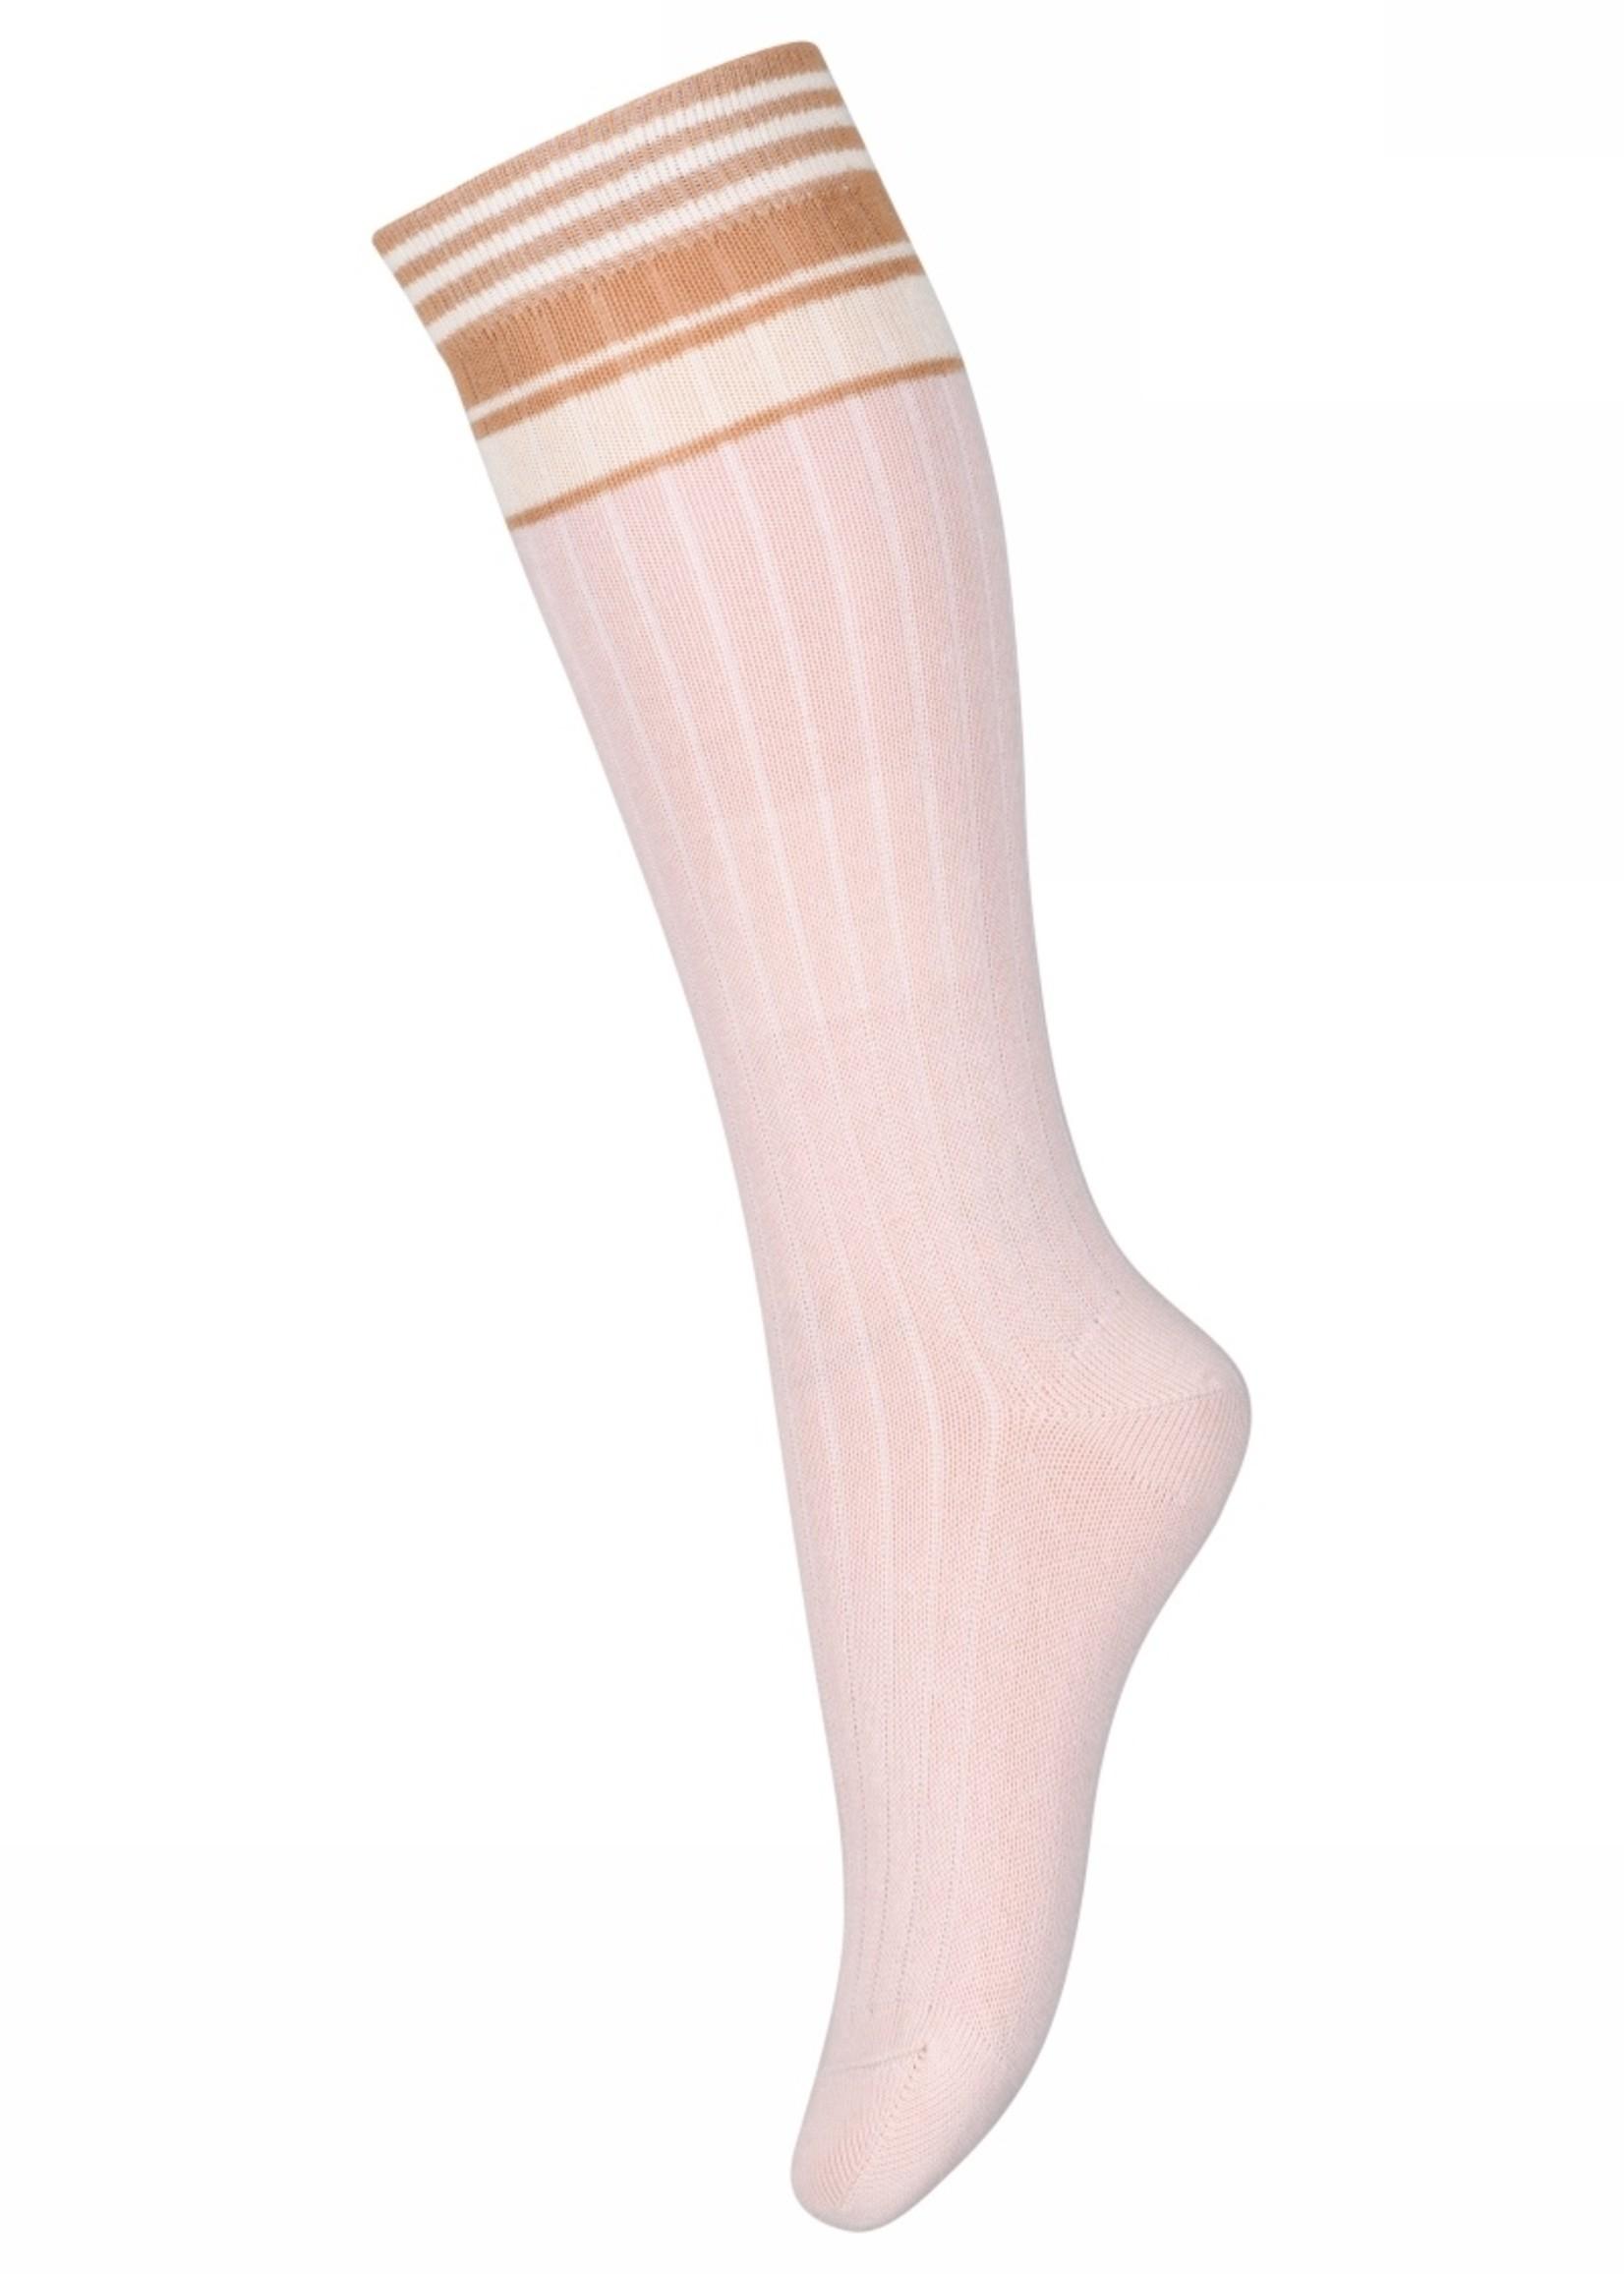 MP Denmark Bibi knee socks - Rose Dust